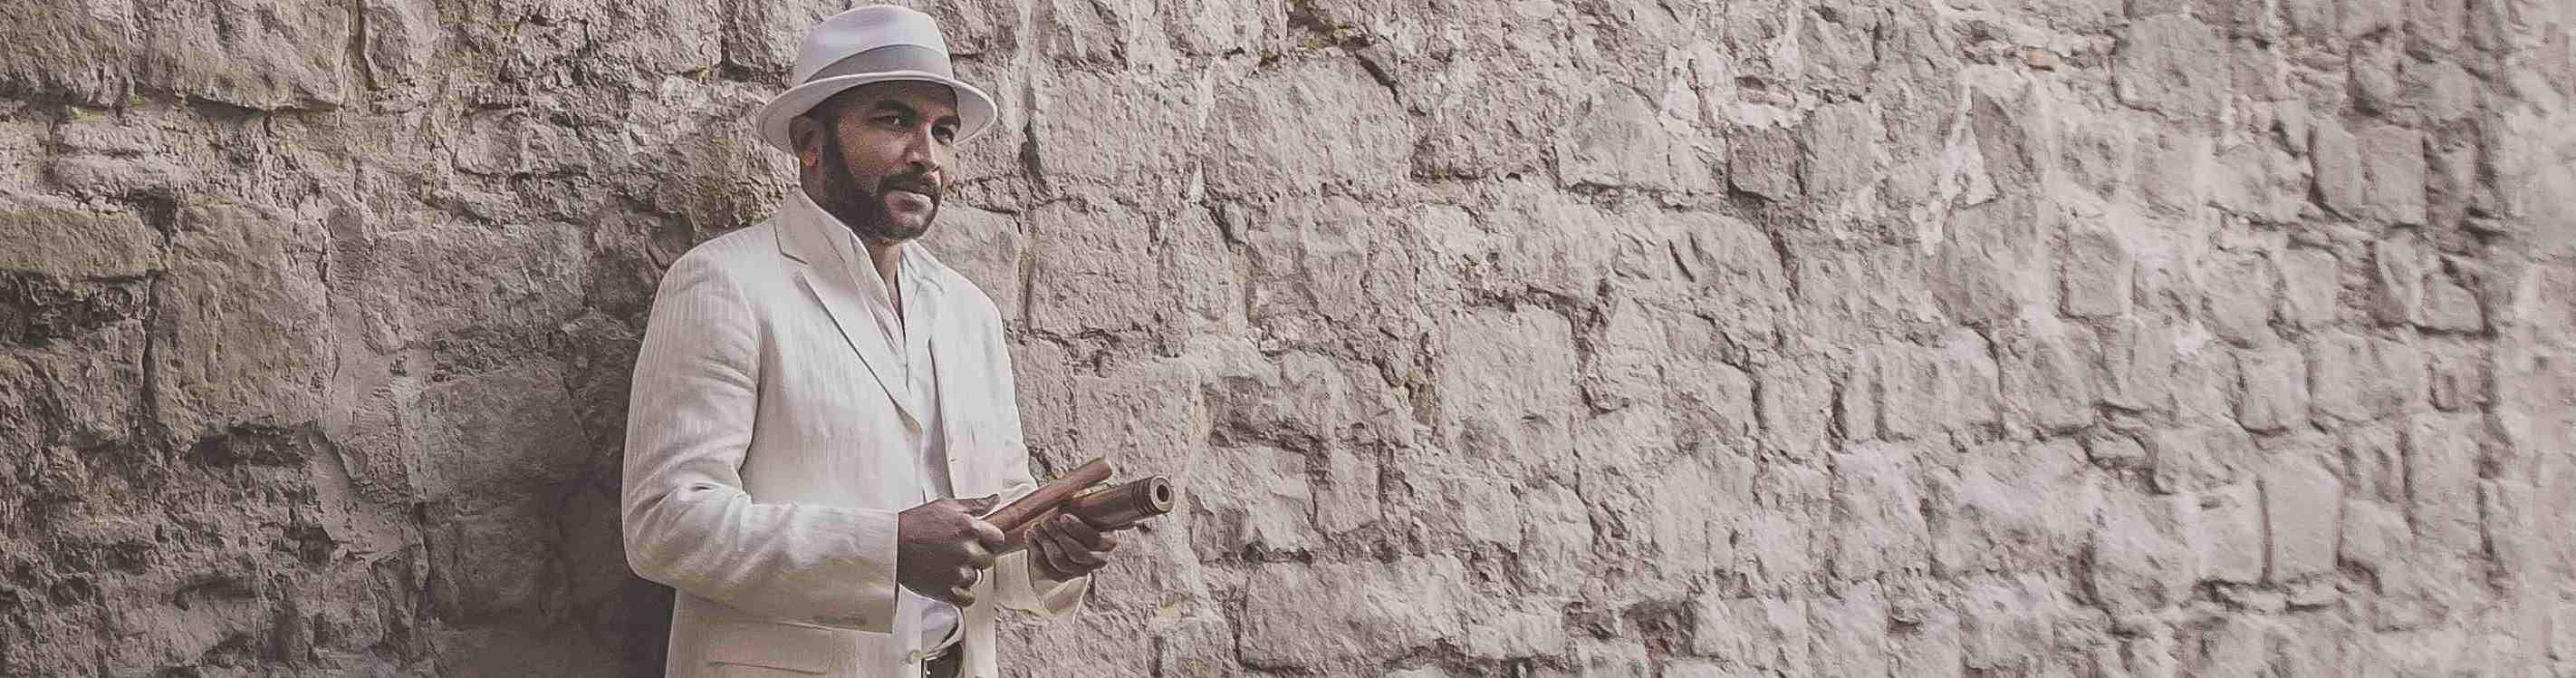 Música Fundamental produce y edita Cubamanía